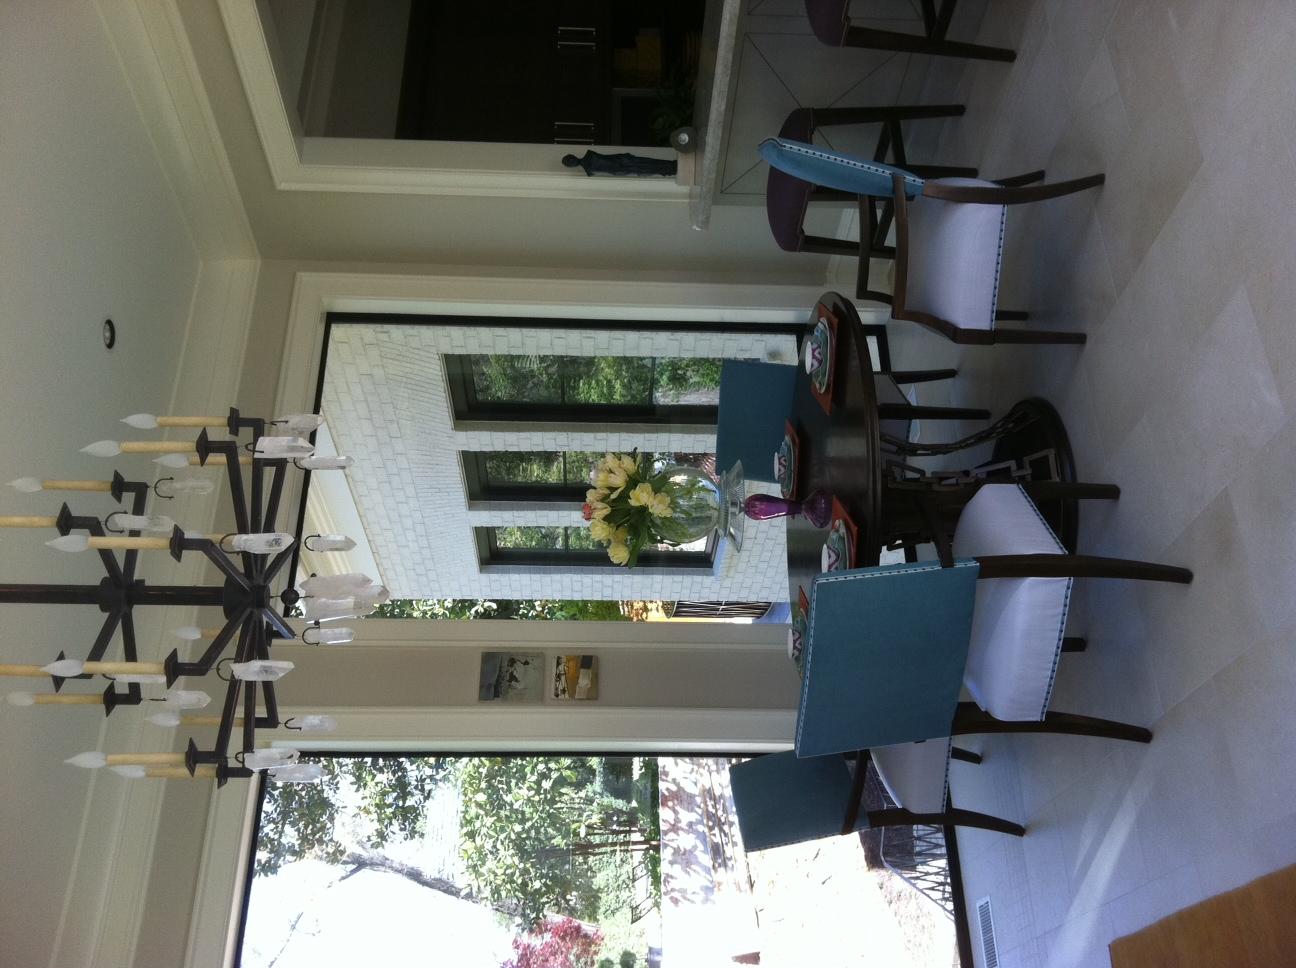 Dillards dining room